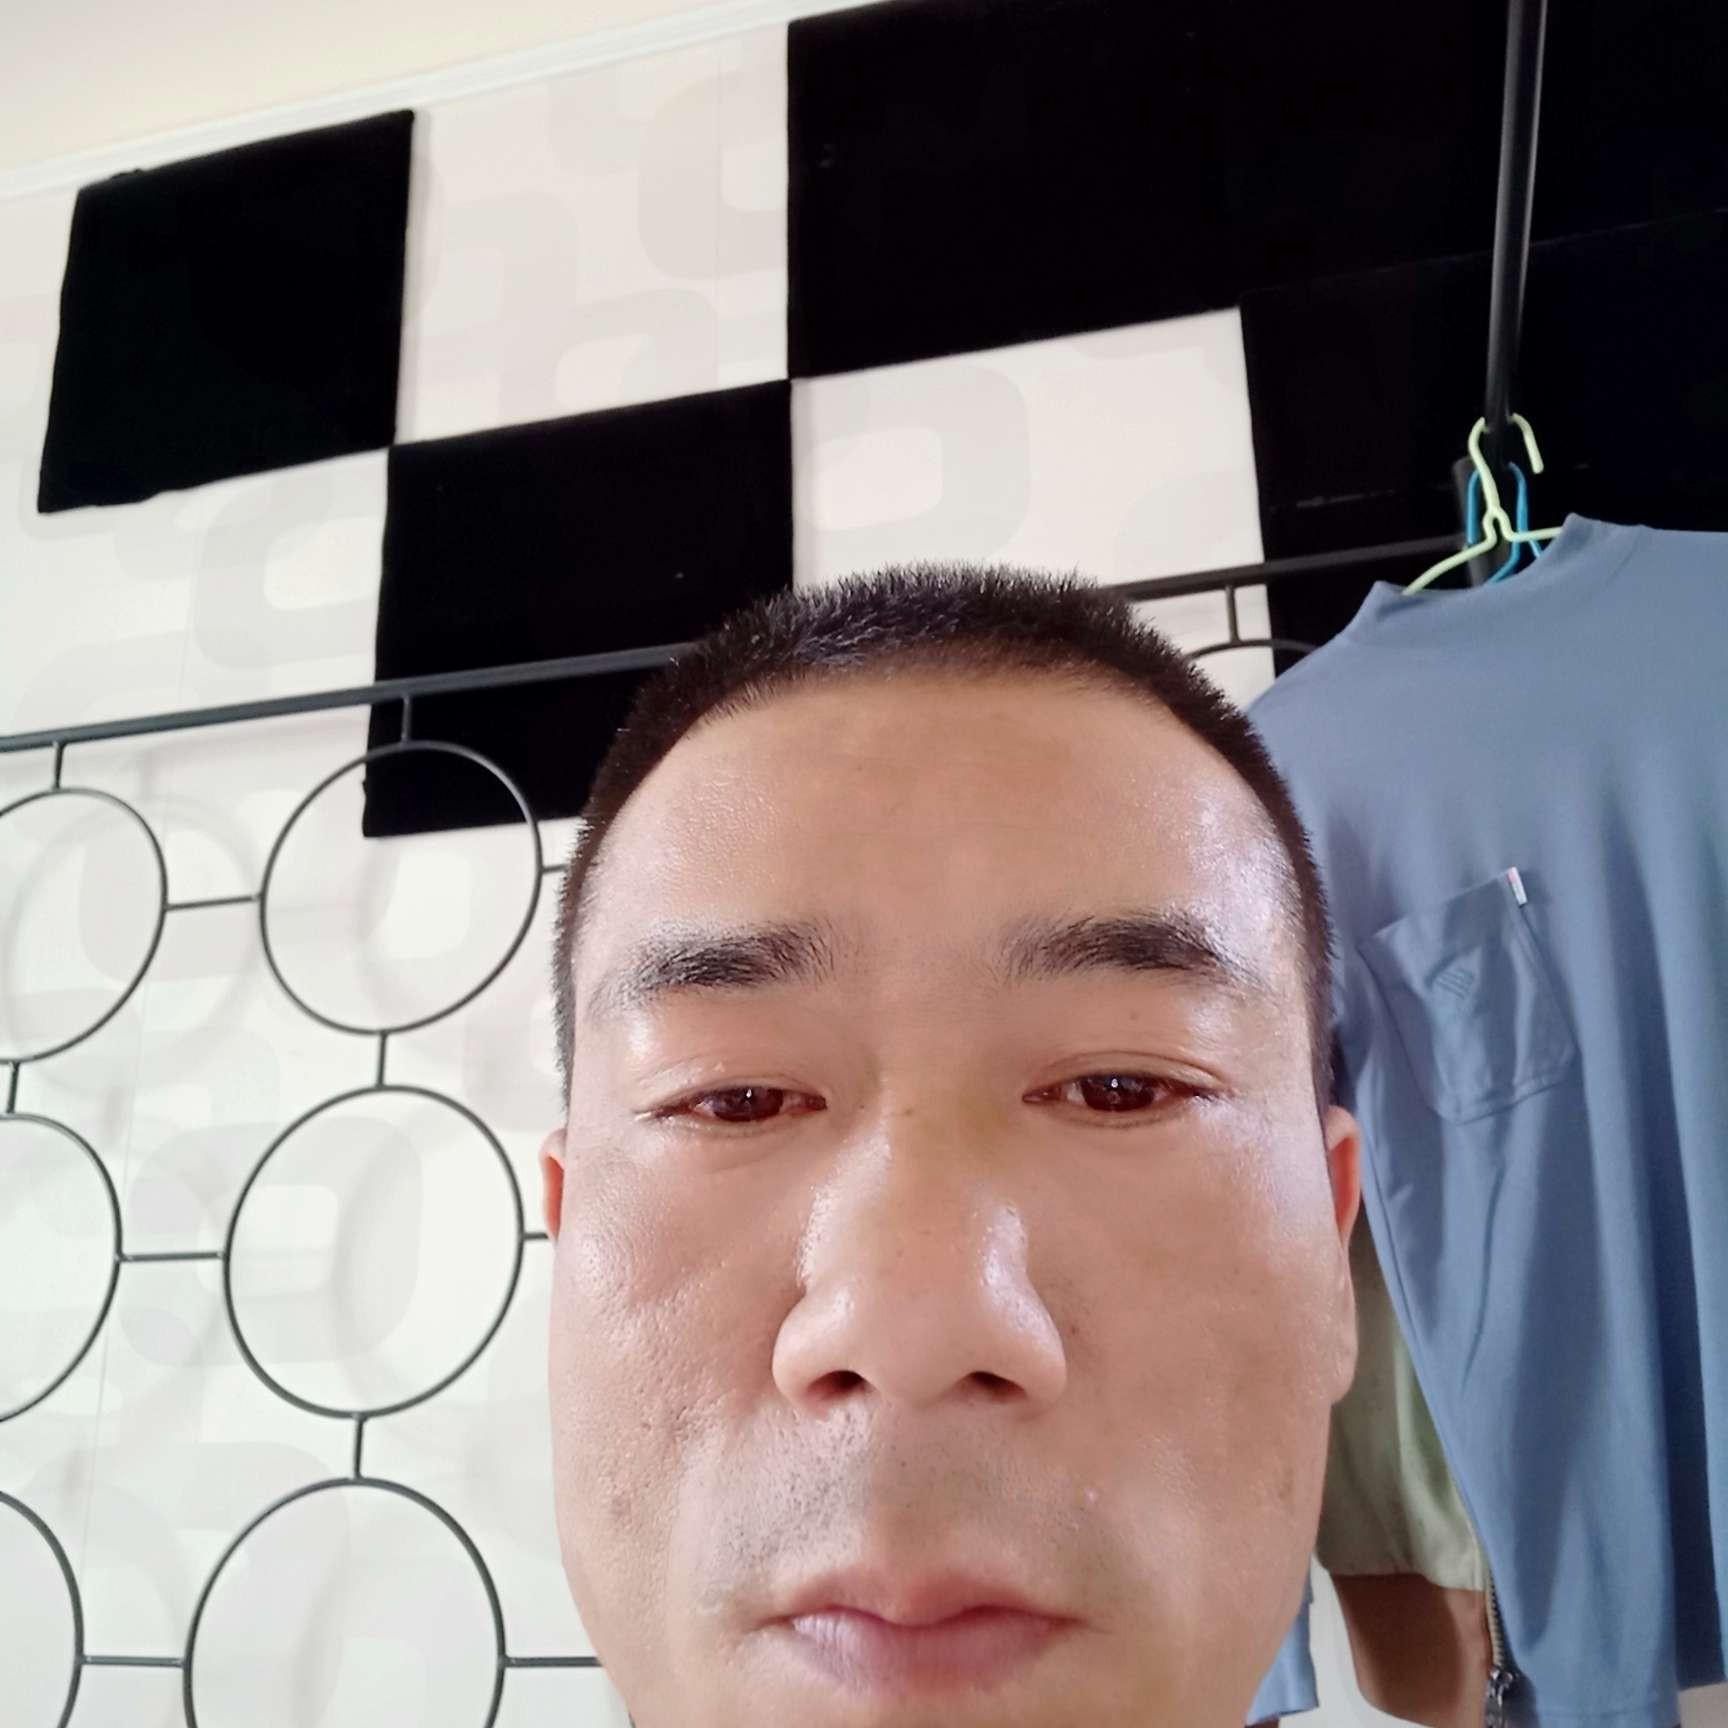 离婚的单身男人的照片